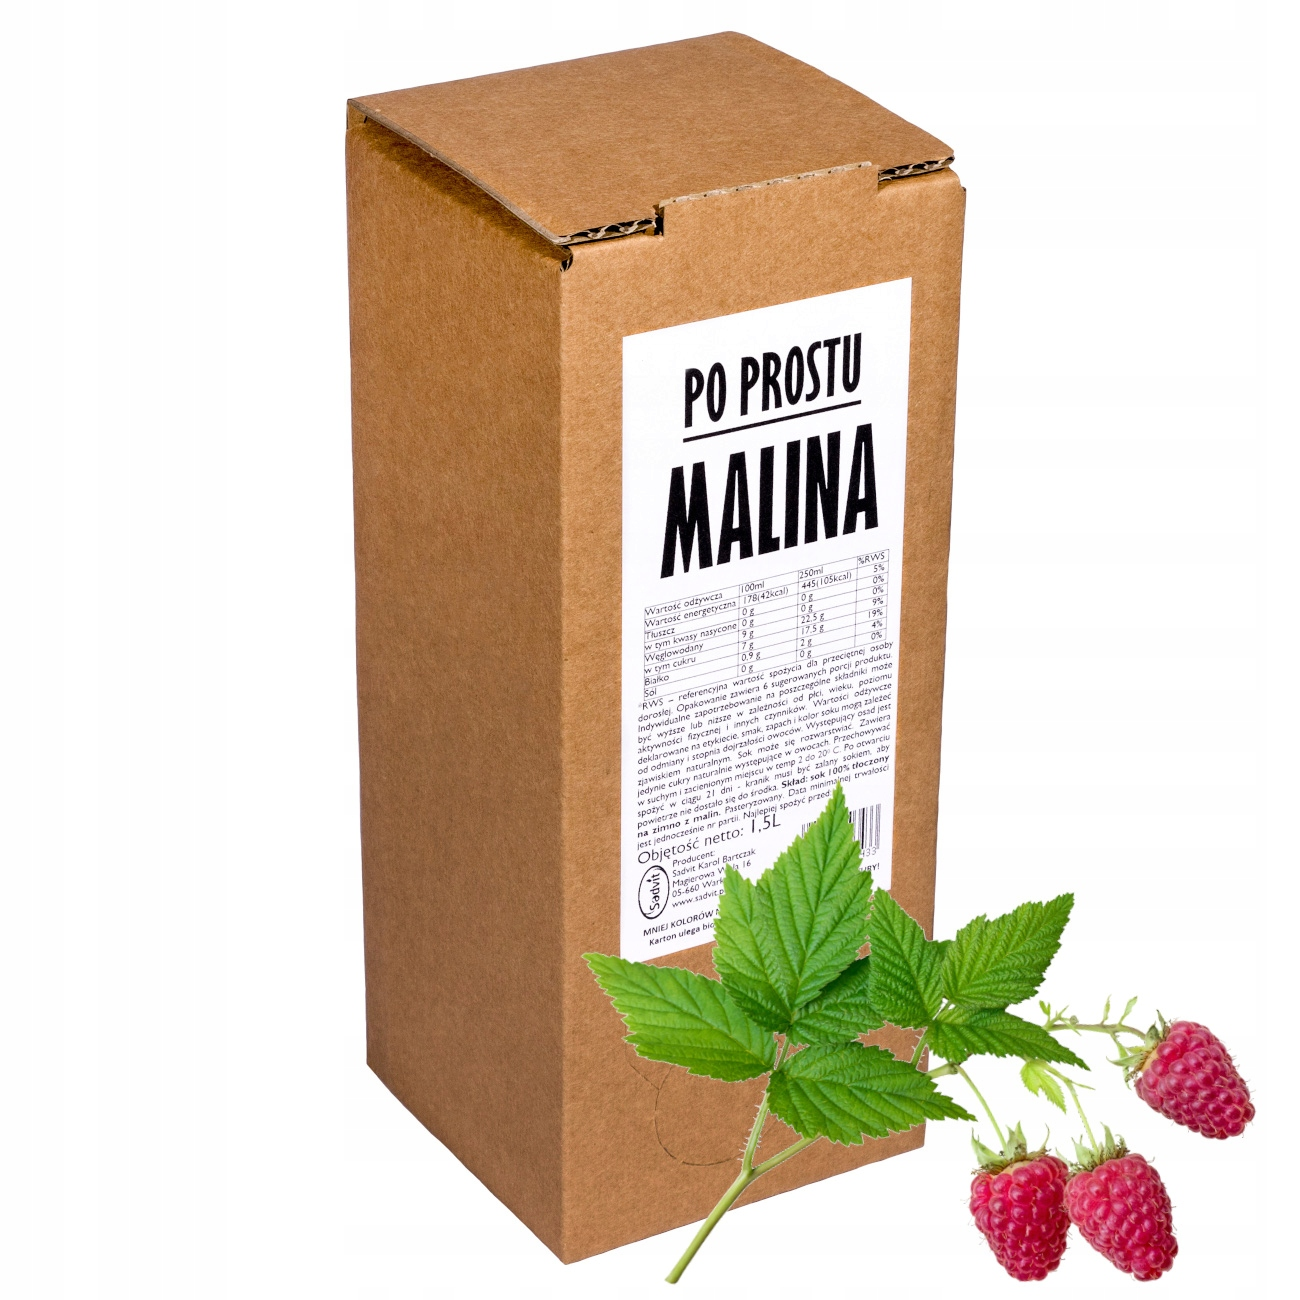 sok malina malinowy 100% sok z malin 1,5L